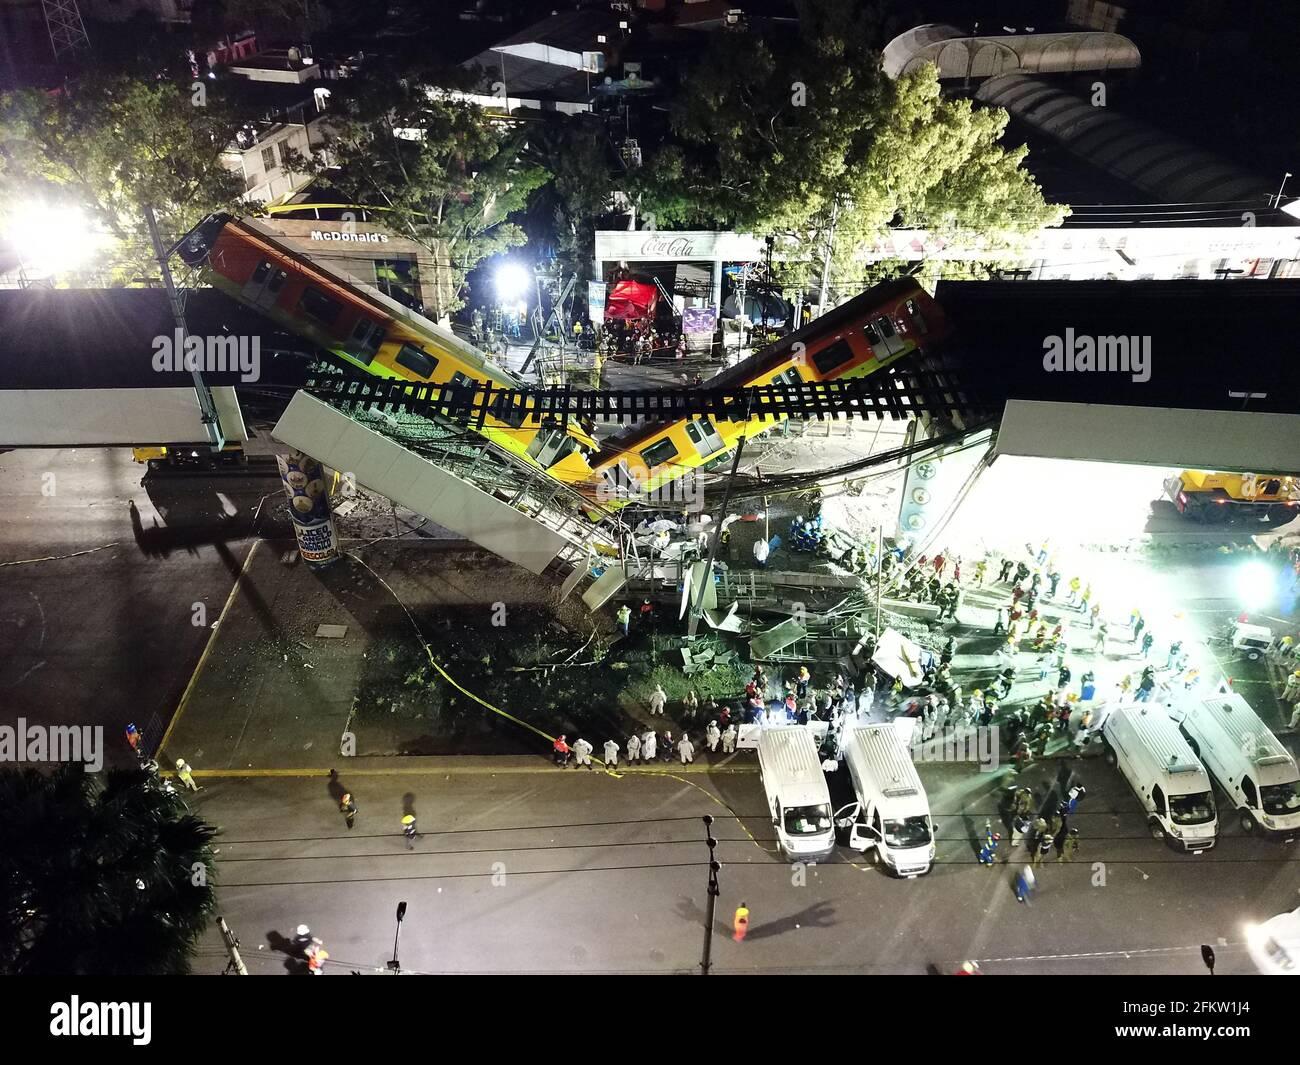 Città del Messico. 4 maggio 2021. La foto aerea del 4 maggio 2021 mostra la scena di un crollo del ponte della metropolitana a Città del Messico, Messico. Almeno 15 persone sono state uccise e 70 altre sono rimaste ferite dopo il crollo di un ponte metropolitano a sud di Città del Messico lunedì sera, secondo un rapporto preliminare aggiornato delle autorità locali. Credit: Xin Yuewei/Xinhua/Alamy Live News Foto Stock